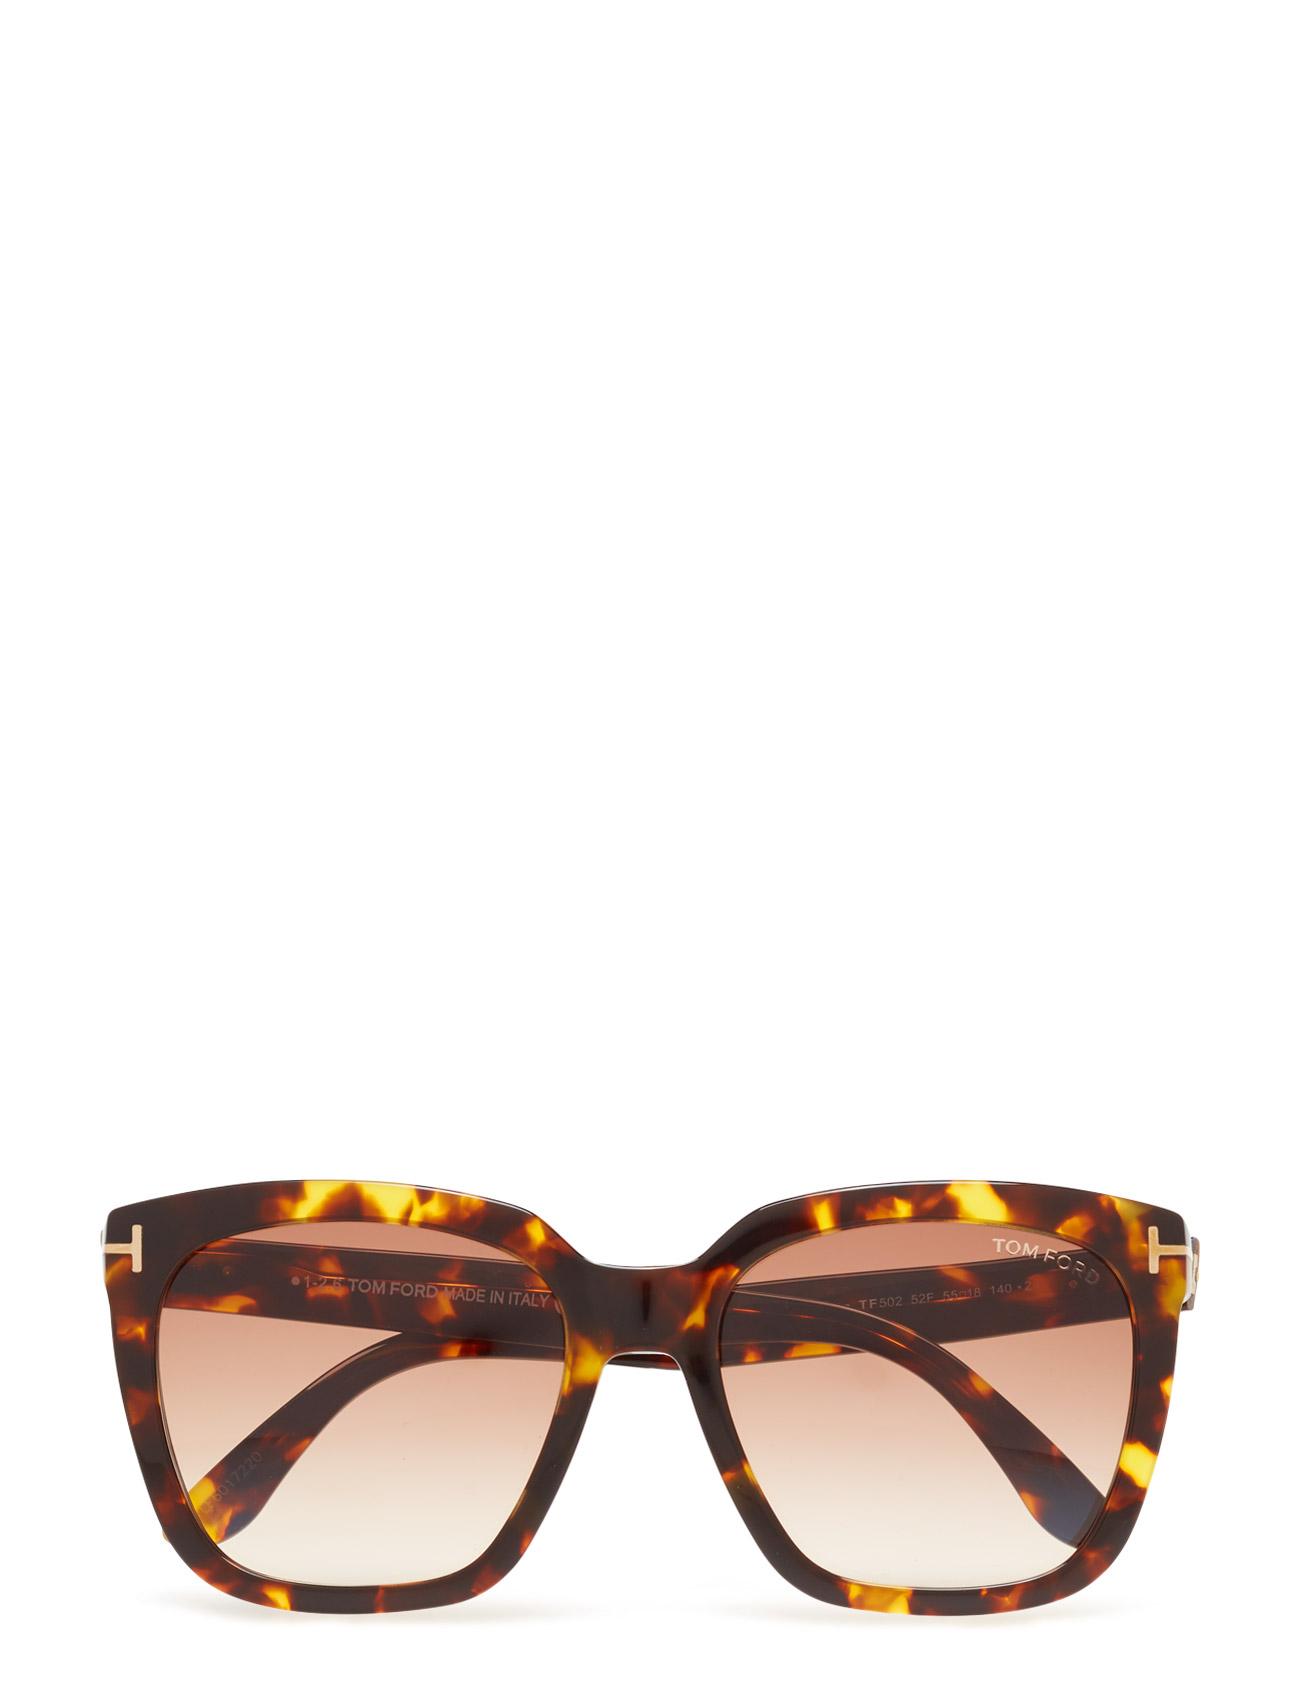 Tom Ford Amarra Tom Ford Sunglasses Solbriller til Kvinder i